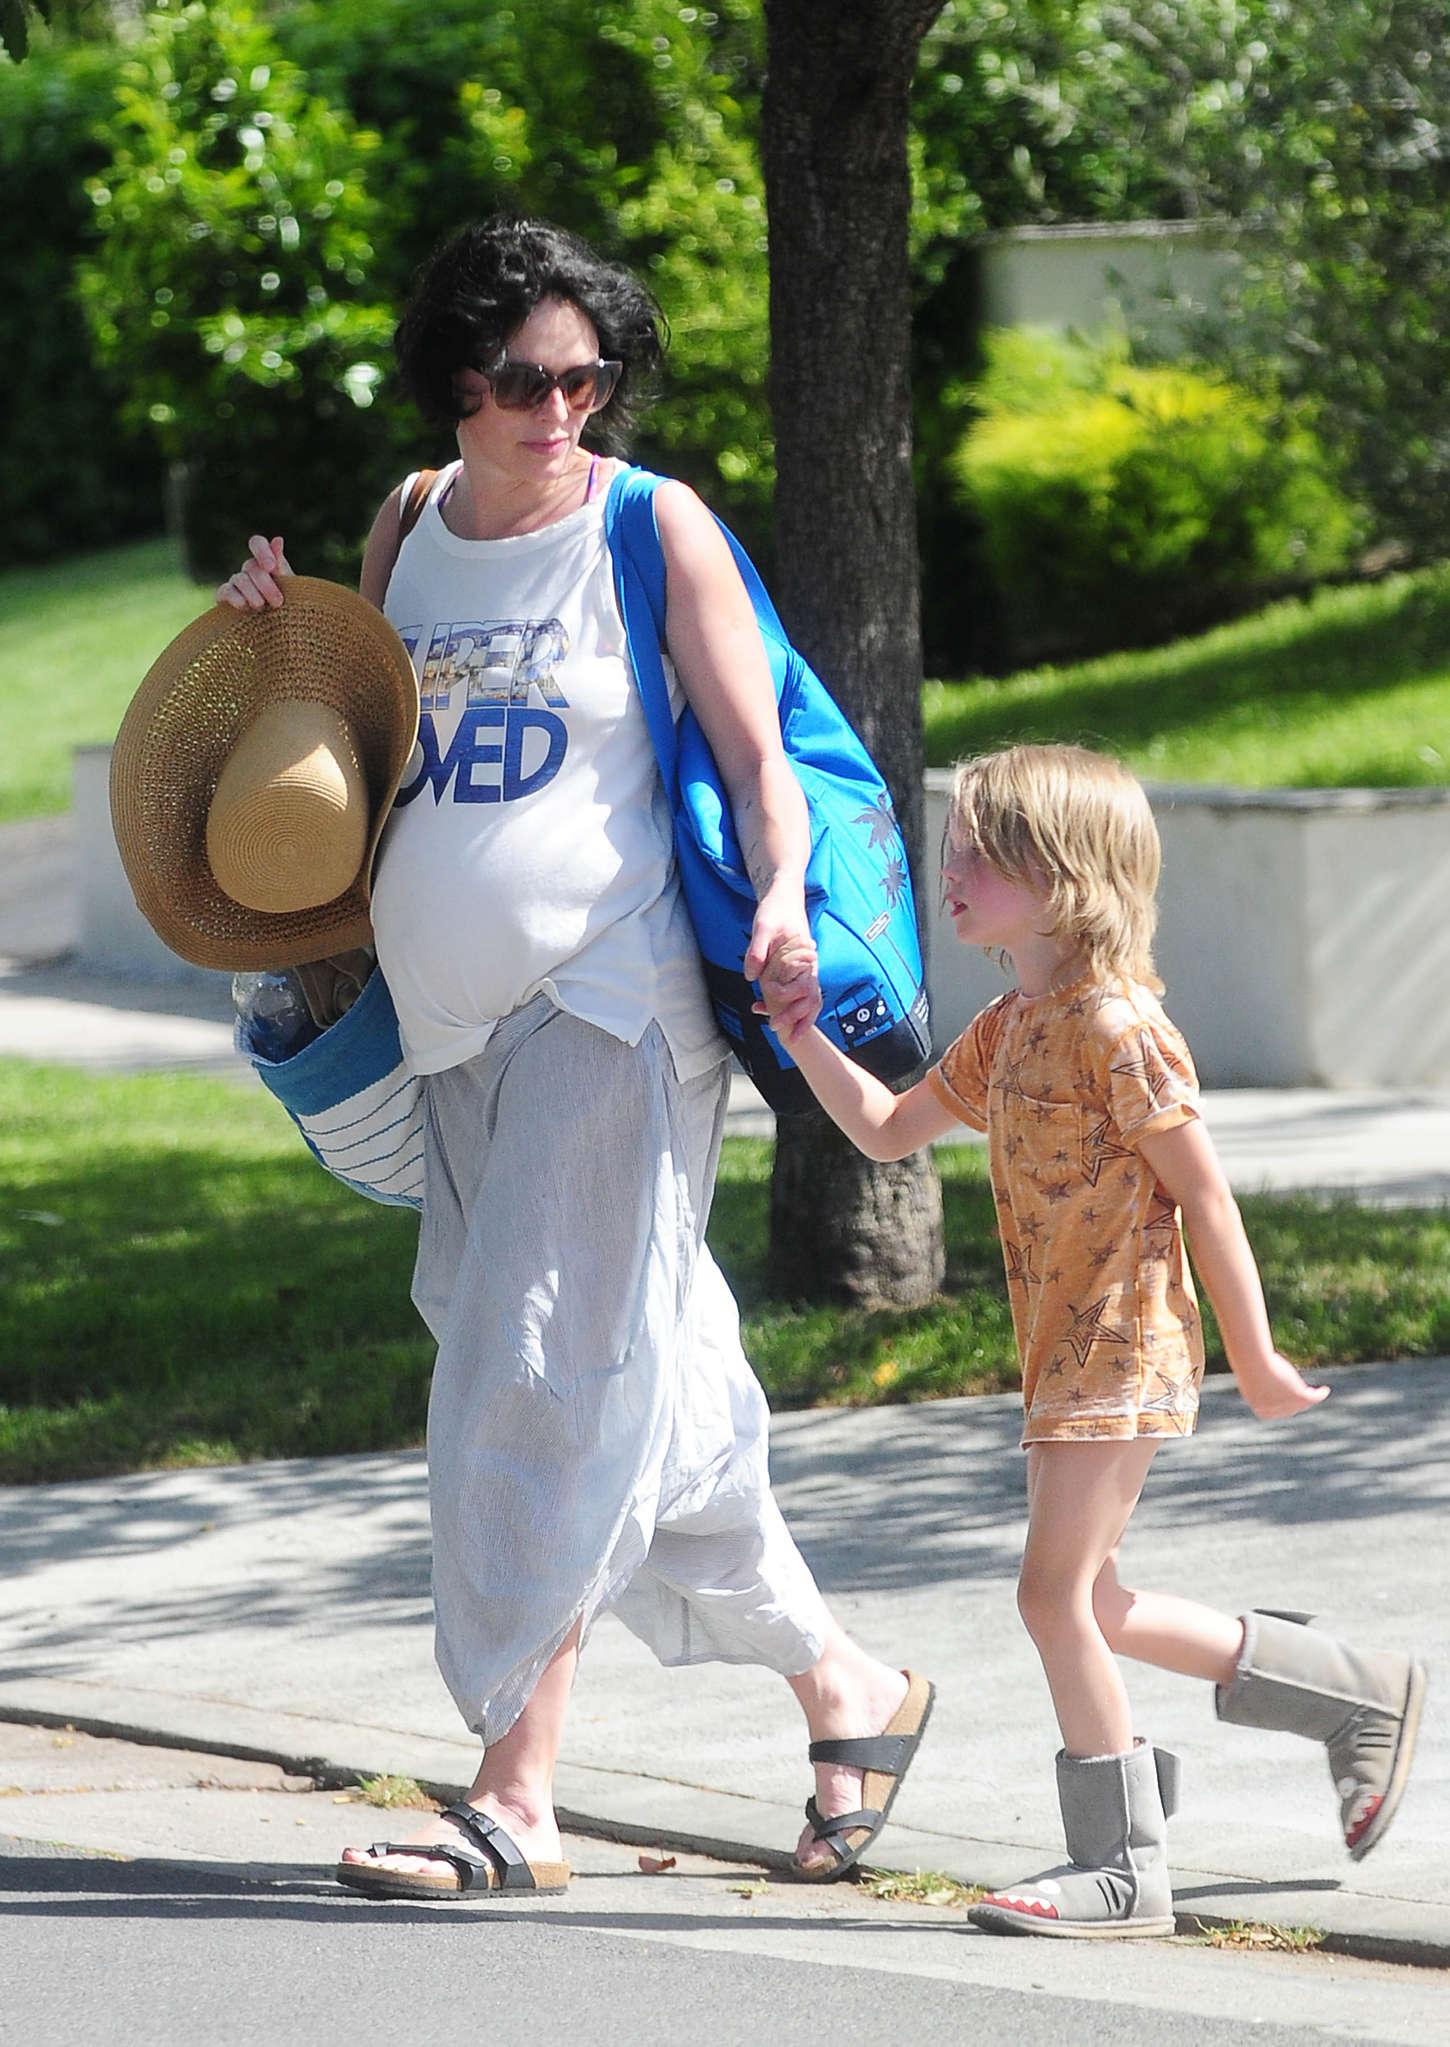 Lena Headey 2015 : Lena Headey: Leaving a pool party with her son -01